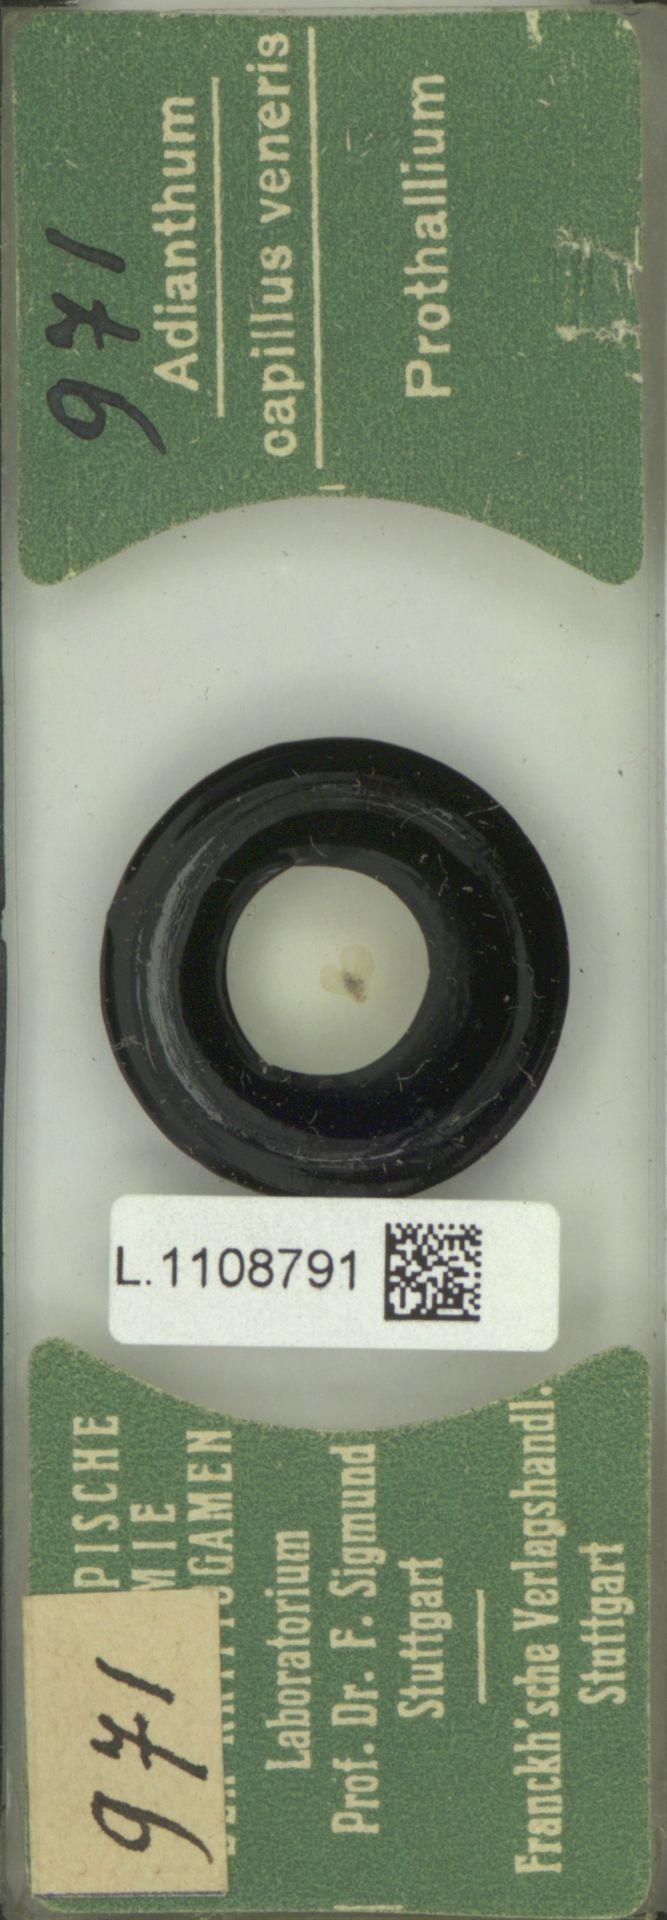 L.1108791   Adiantum capillus-veneris L.